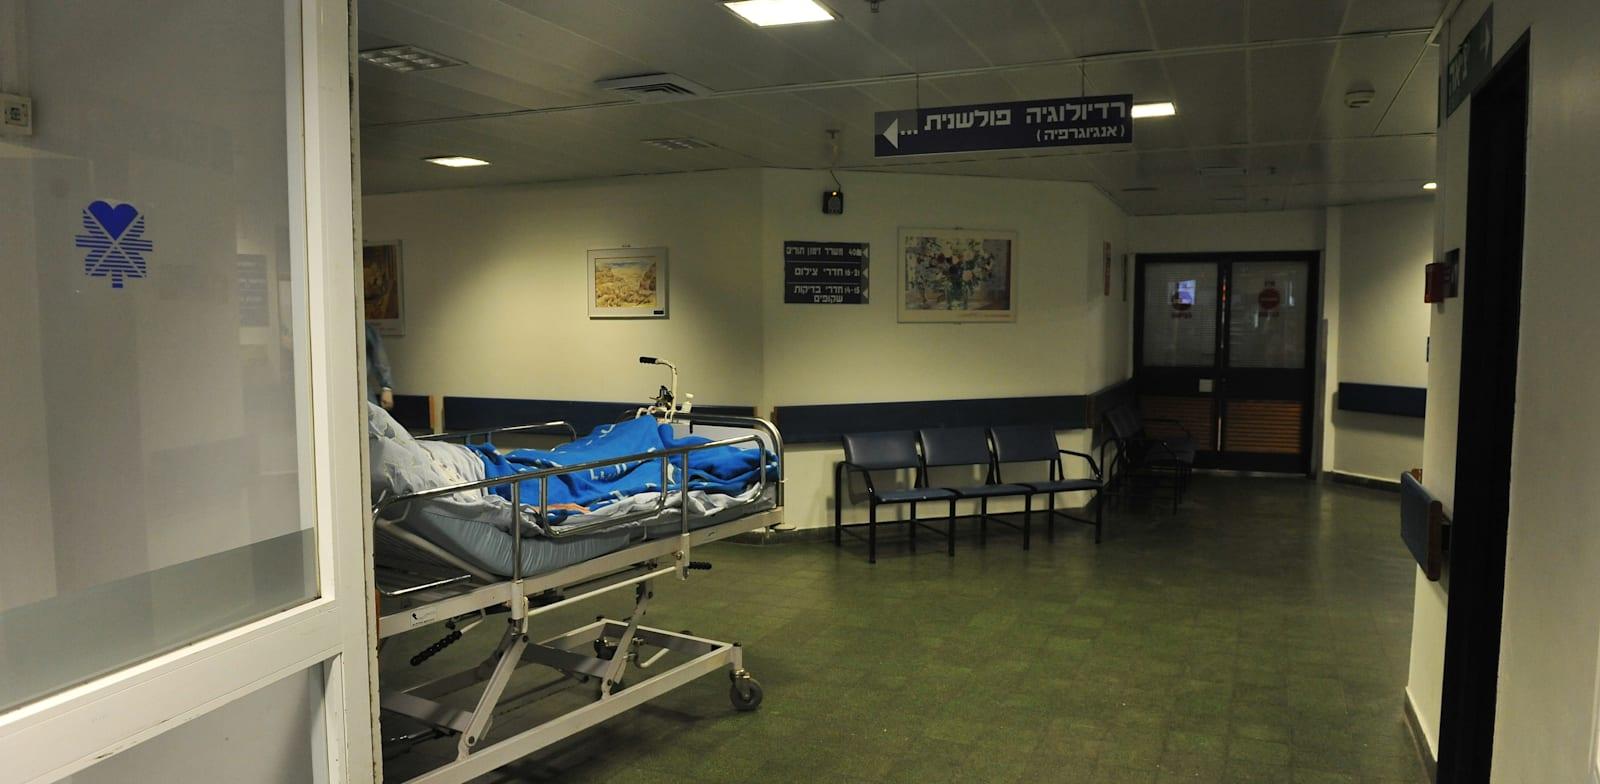 בית חולים איכילוב / צילום: בן יוסטר